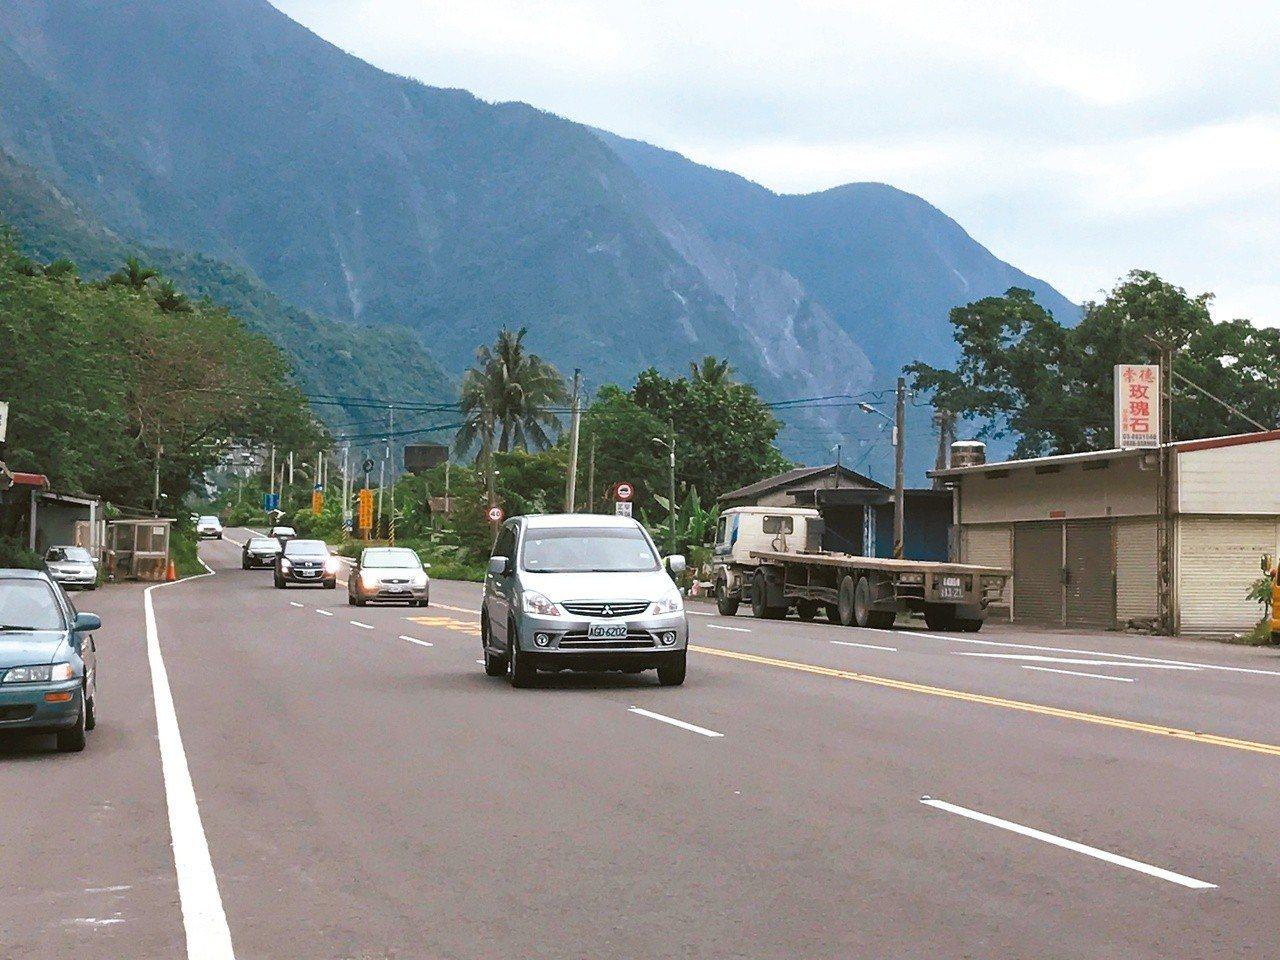 花東目前只有公路,是否興建花東快速道路各界意見不一。 聯合報系資料照片